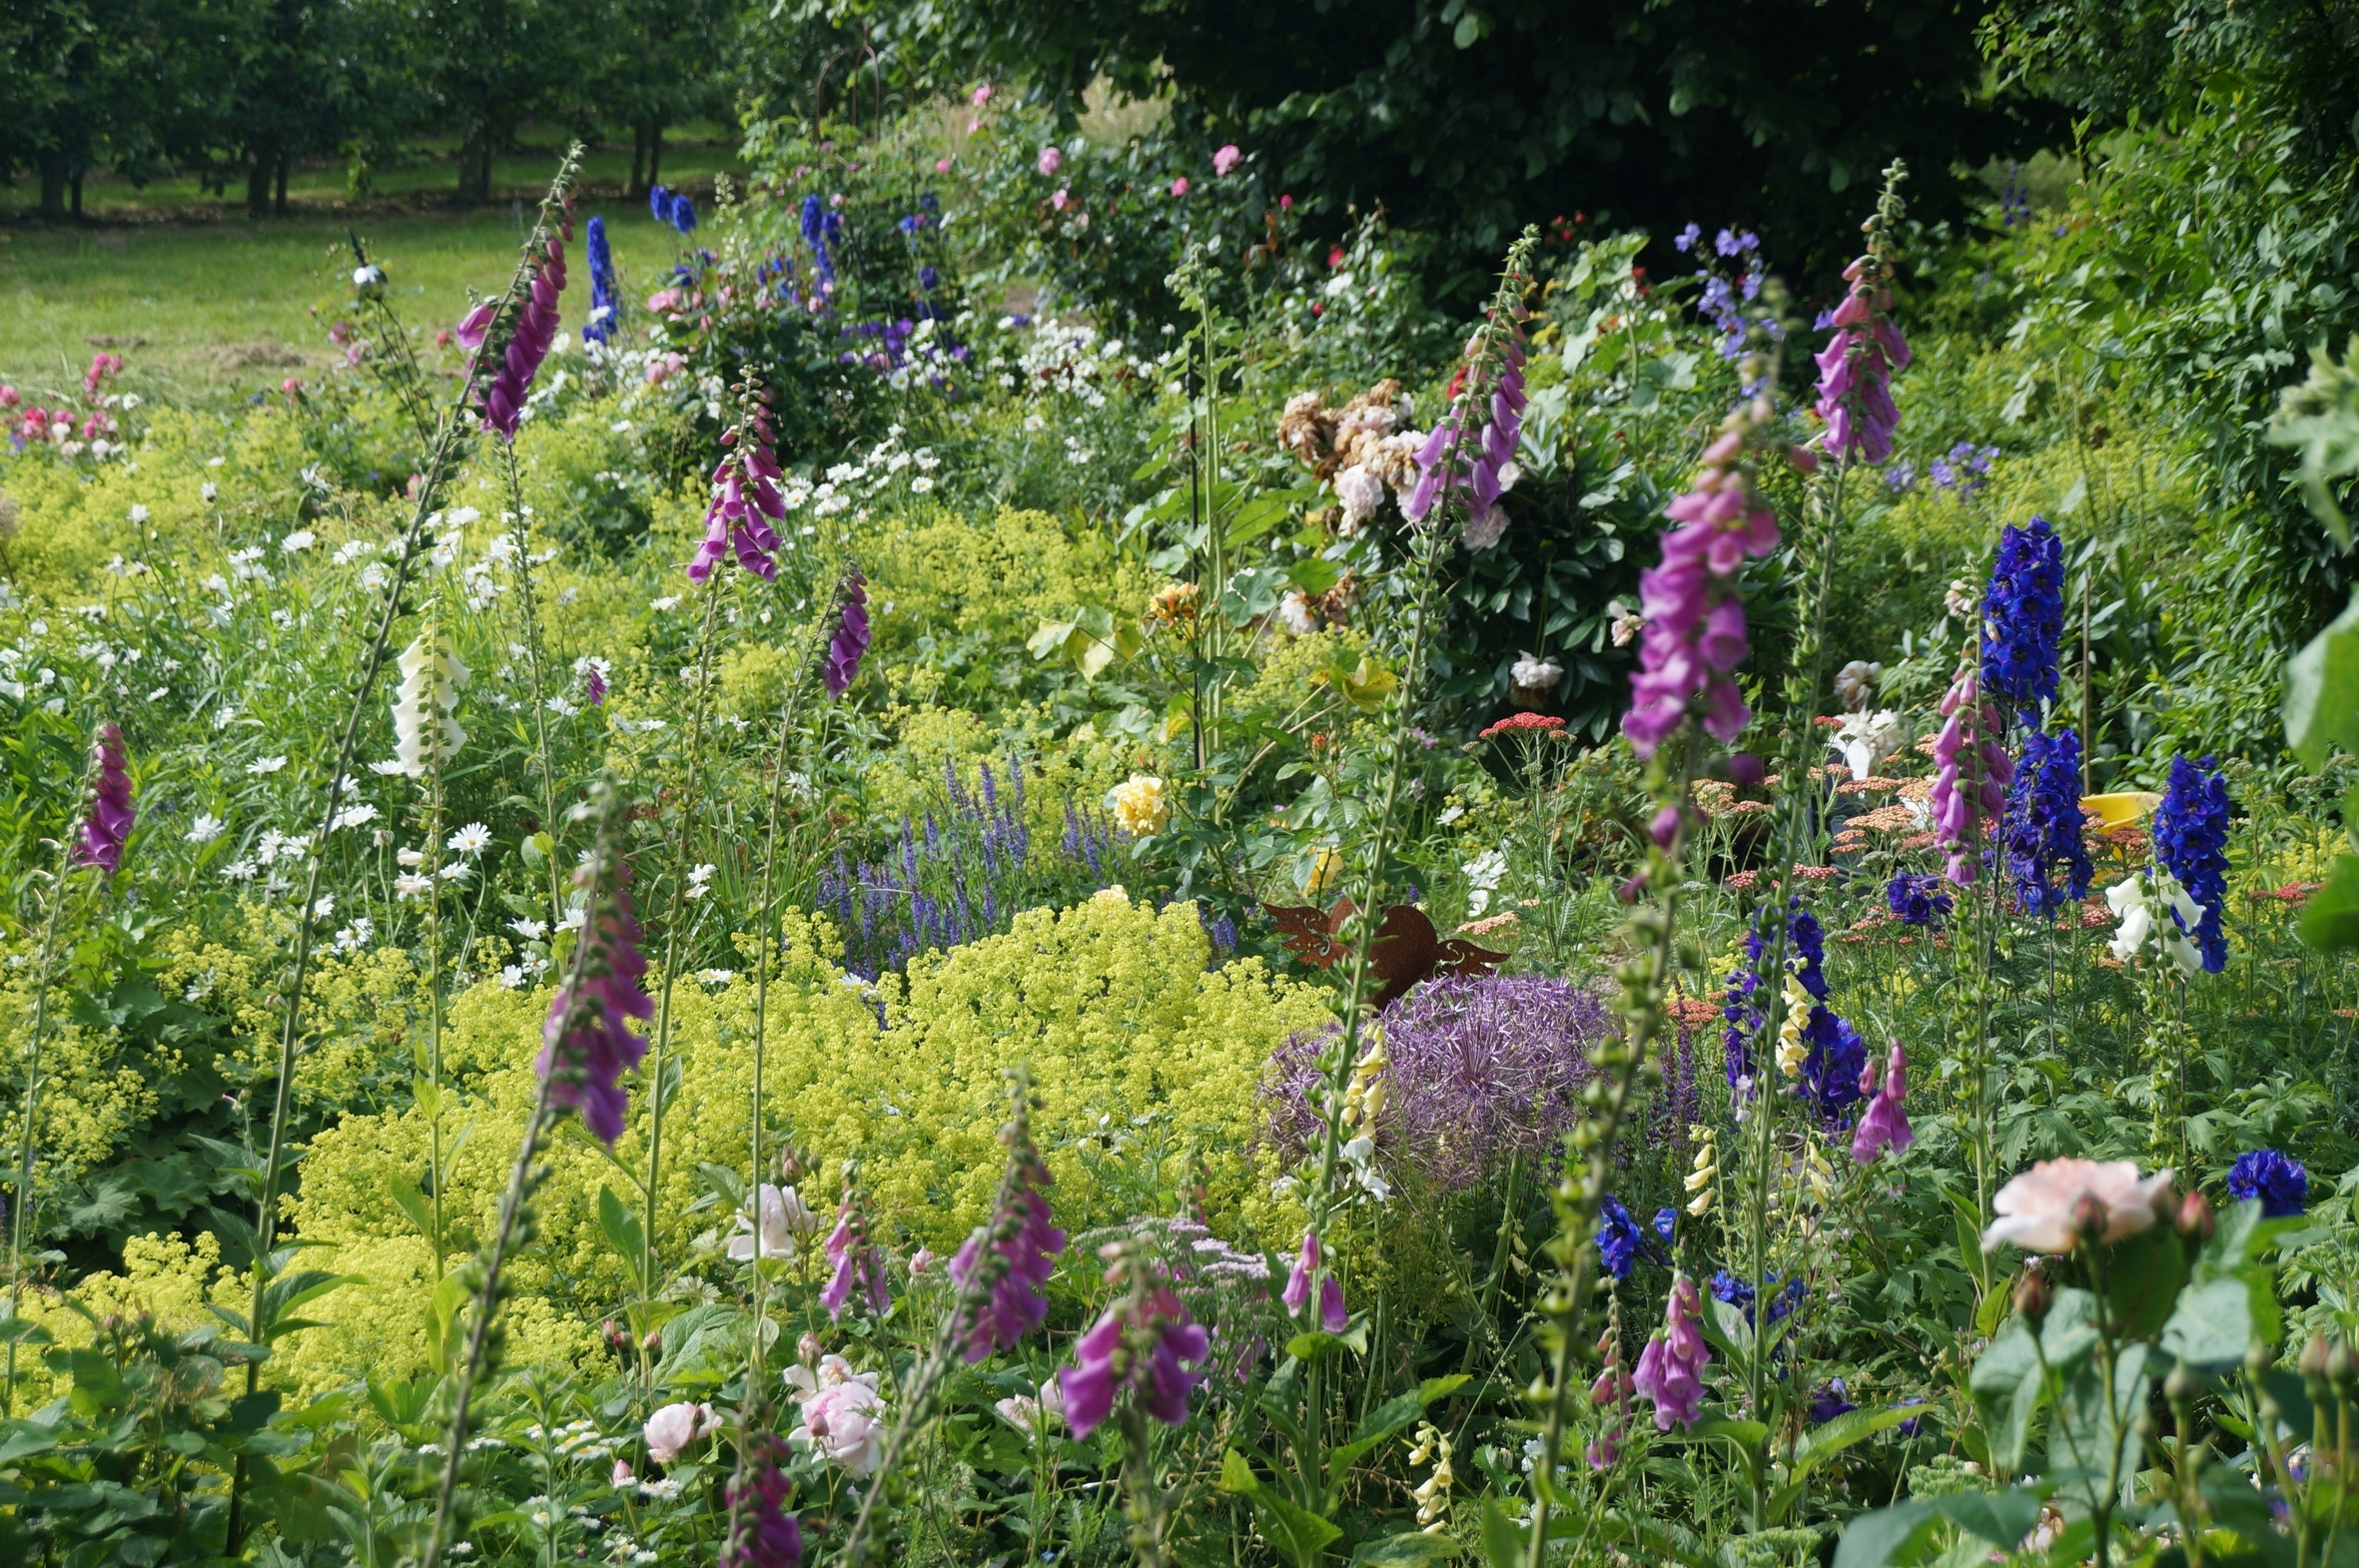 Jede Blüte zählt: Mit Pflanzen für Biodiversität sorgen